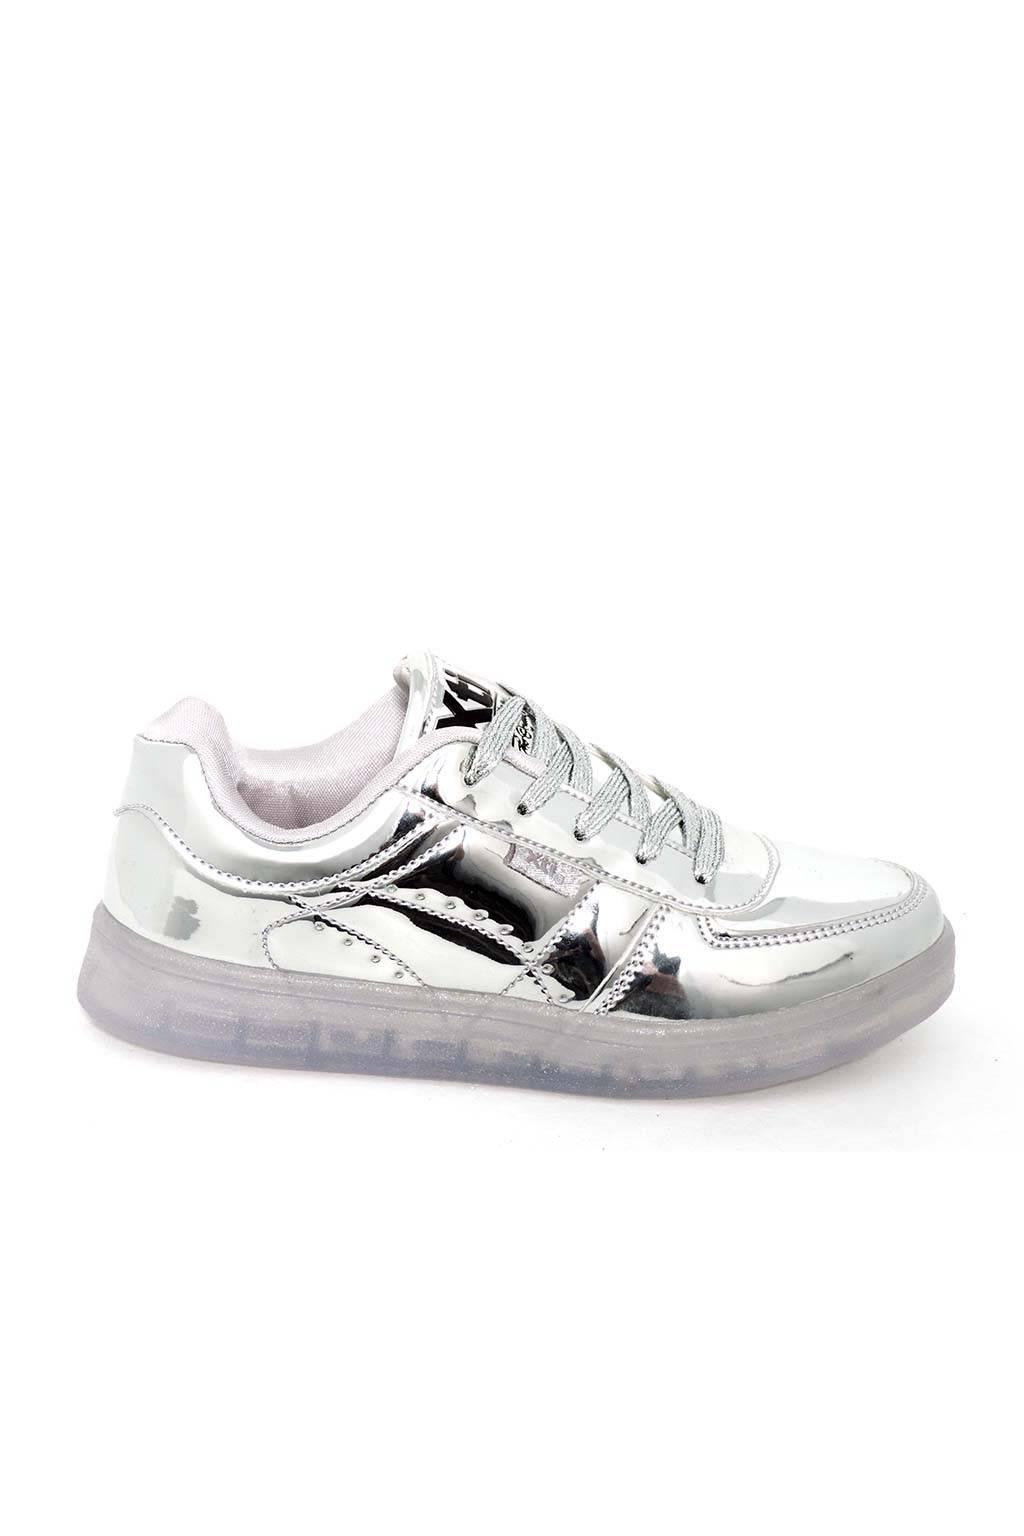 Zapatillas deportivas baratas con luces XTI 46372 medinapiel.es